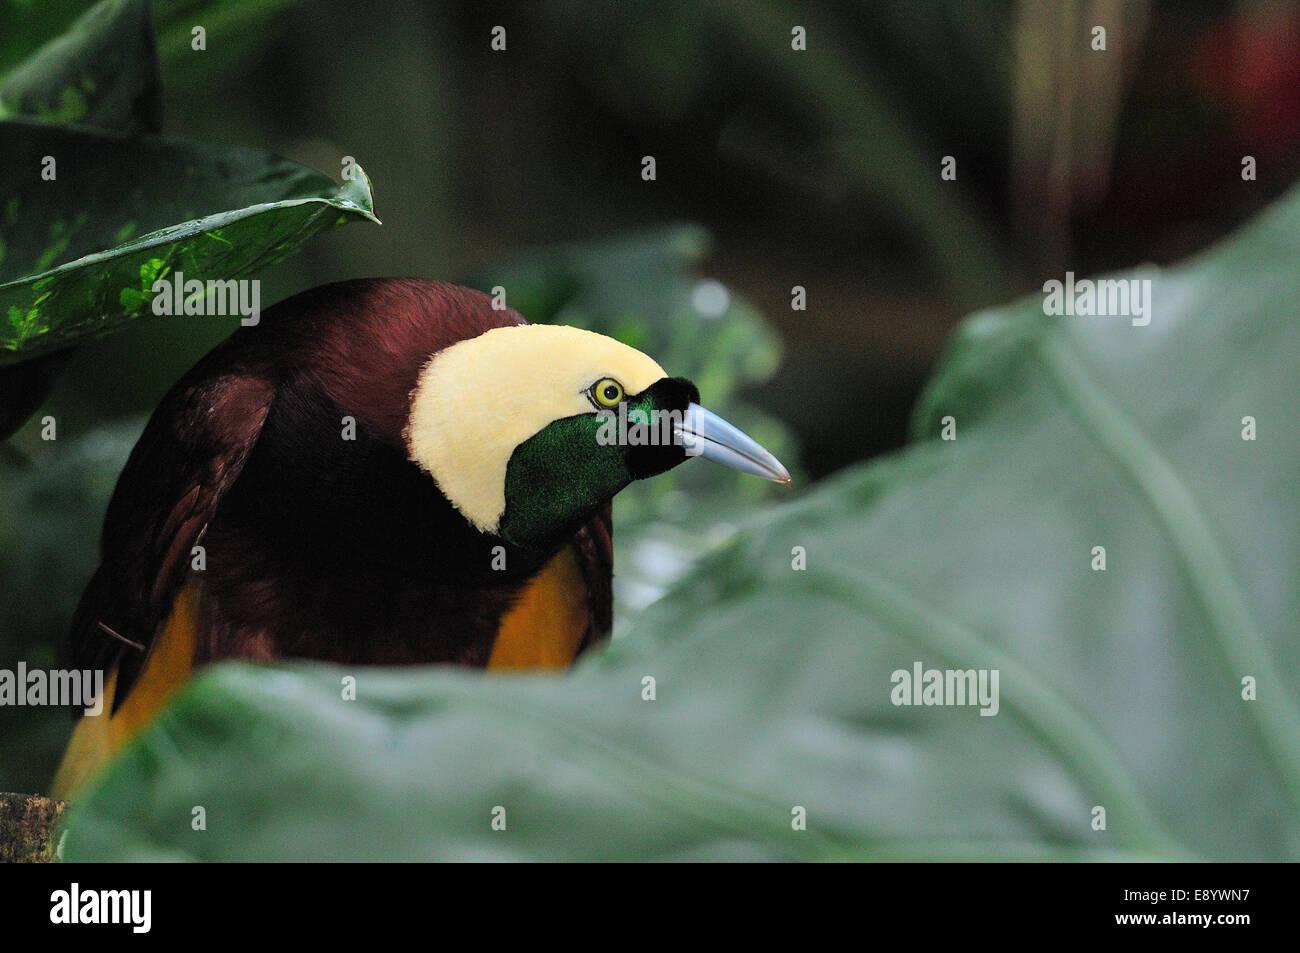 Maggiore degli uccelli del paradiso, Paradisaea apoda, Parasidaeidae uccello del paradiso, uccelli, Bali, Indonesia Immagini Stock